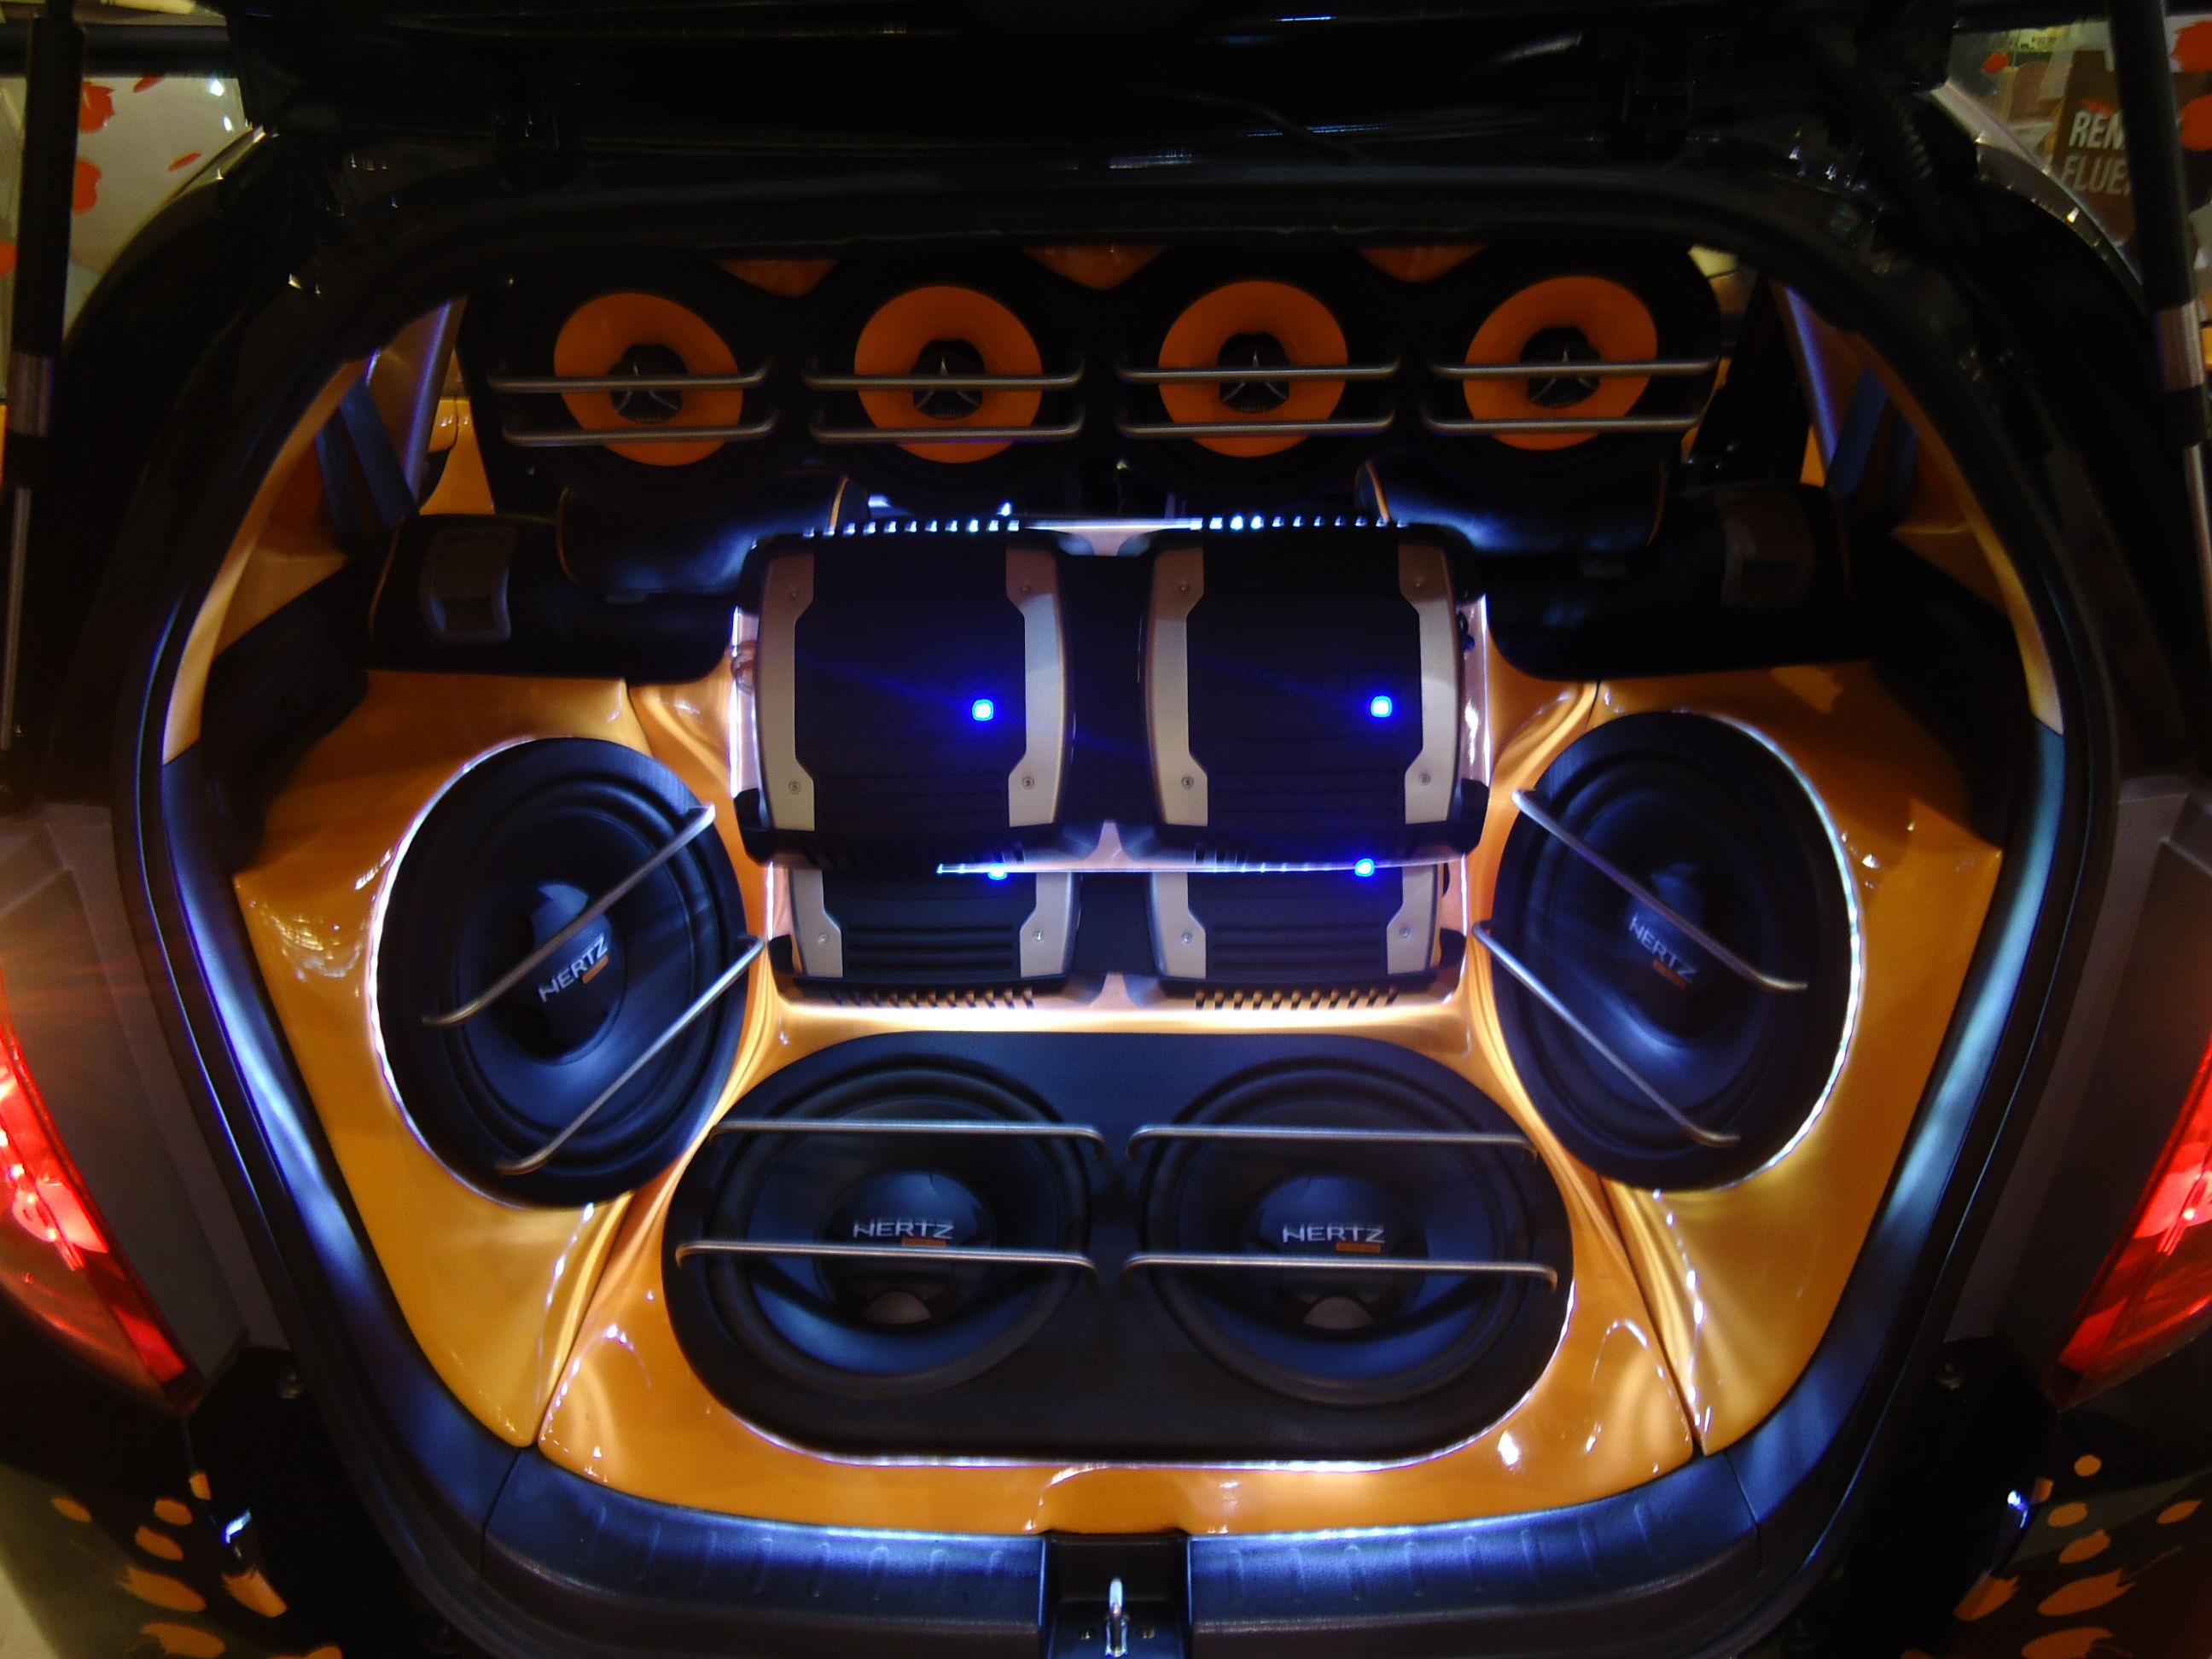 قیمت سیستم صوتی خودرو به چه عواملی بستگی دارد؟